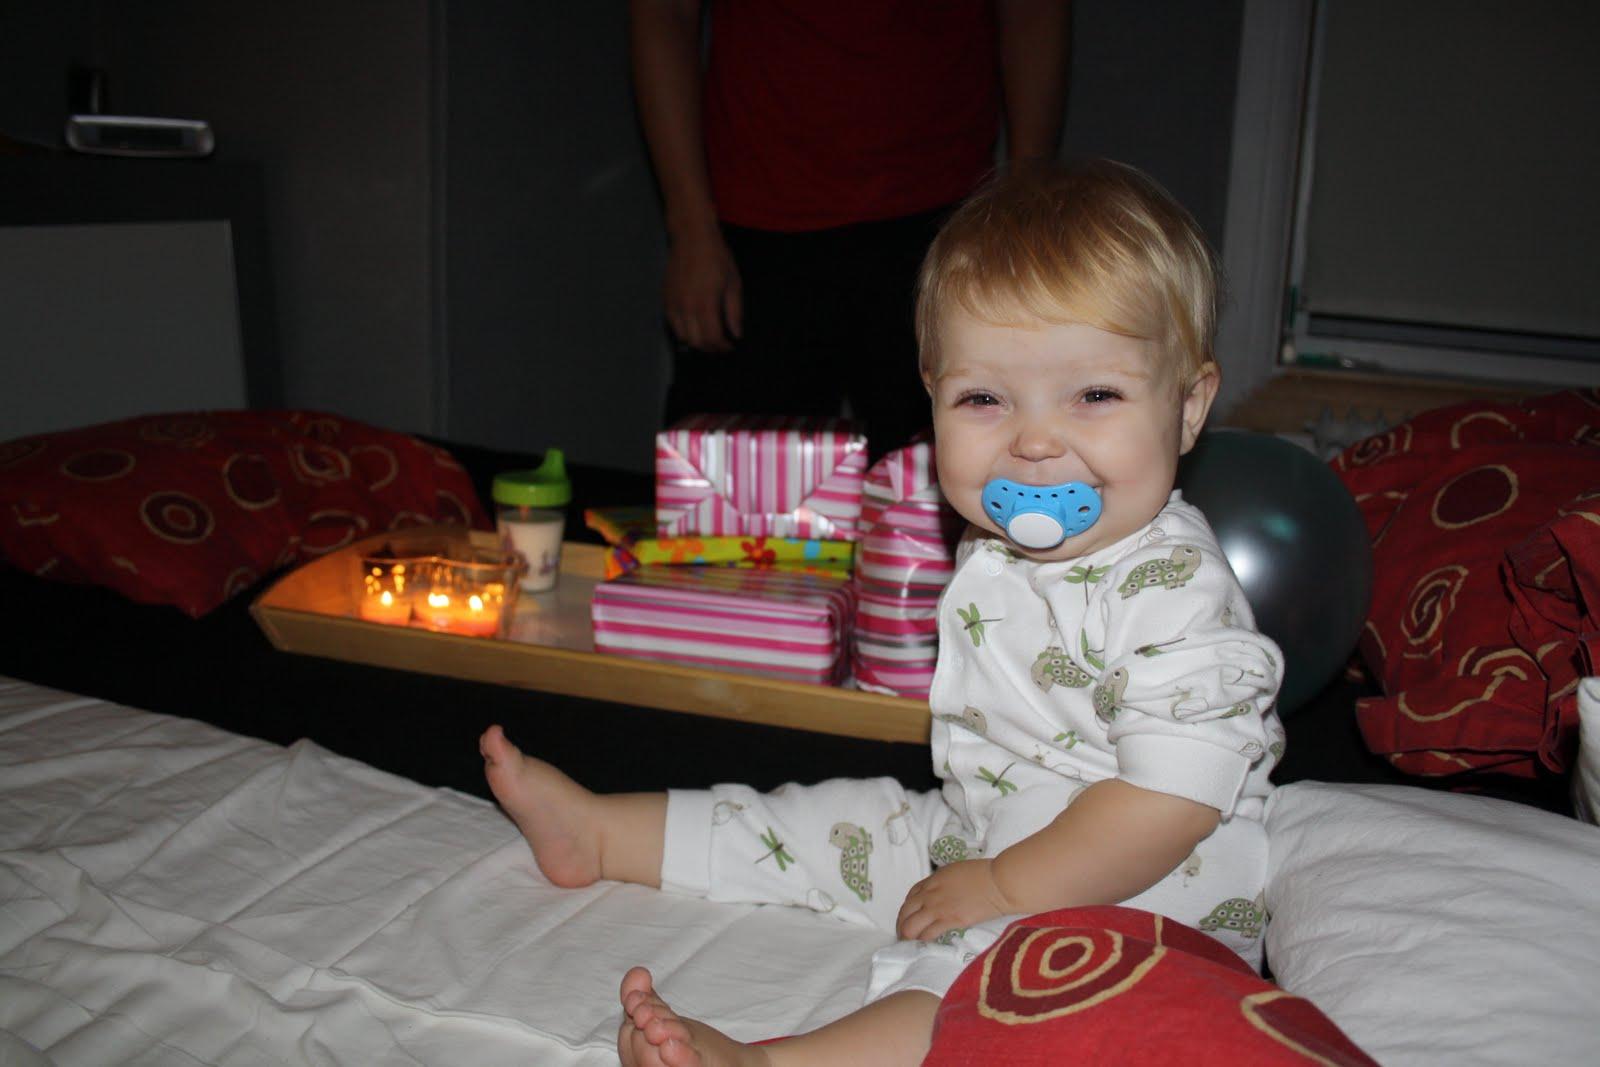 fyller 1 år SÖTA LILLASYSTER: Söta lillasyster fyller 1 år fyller 1 år